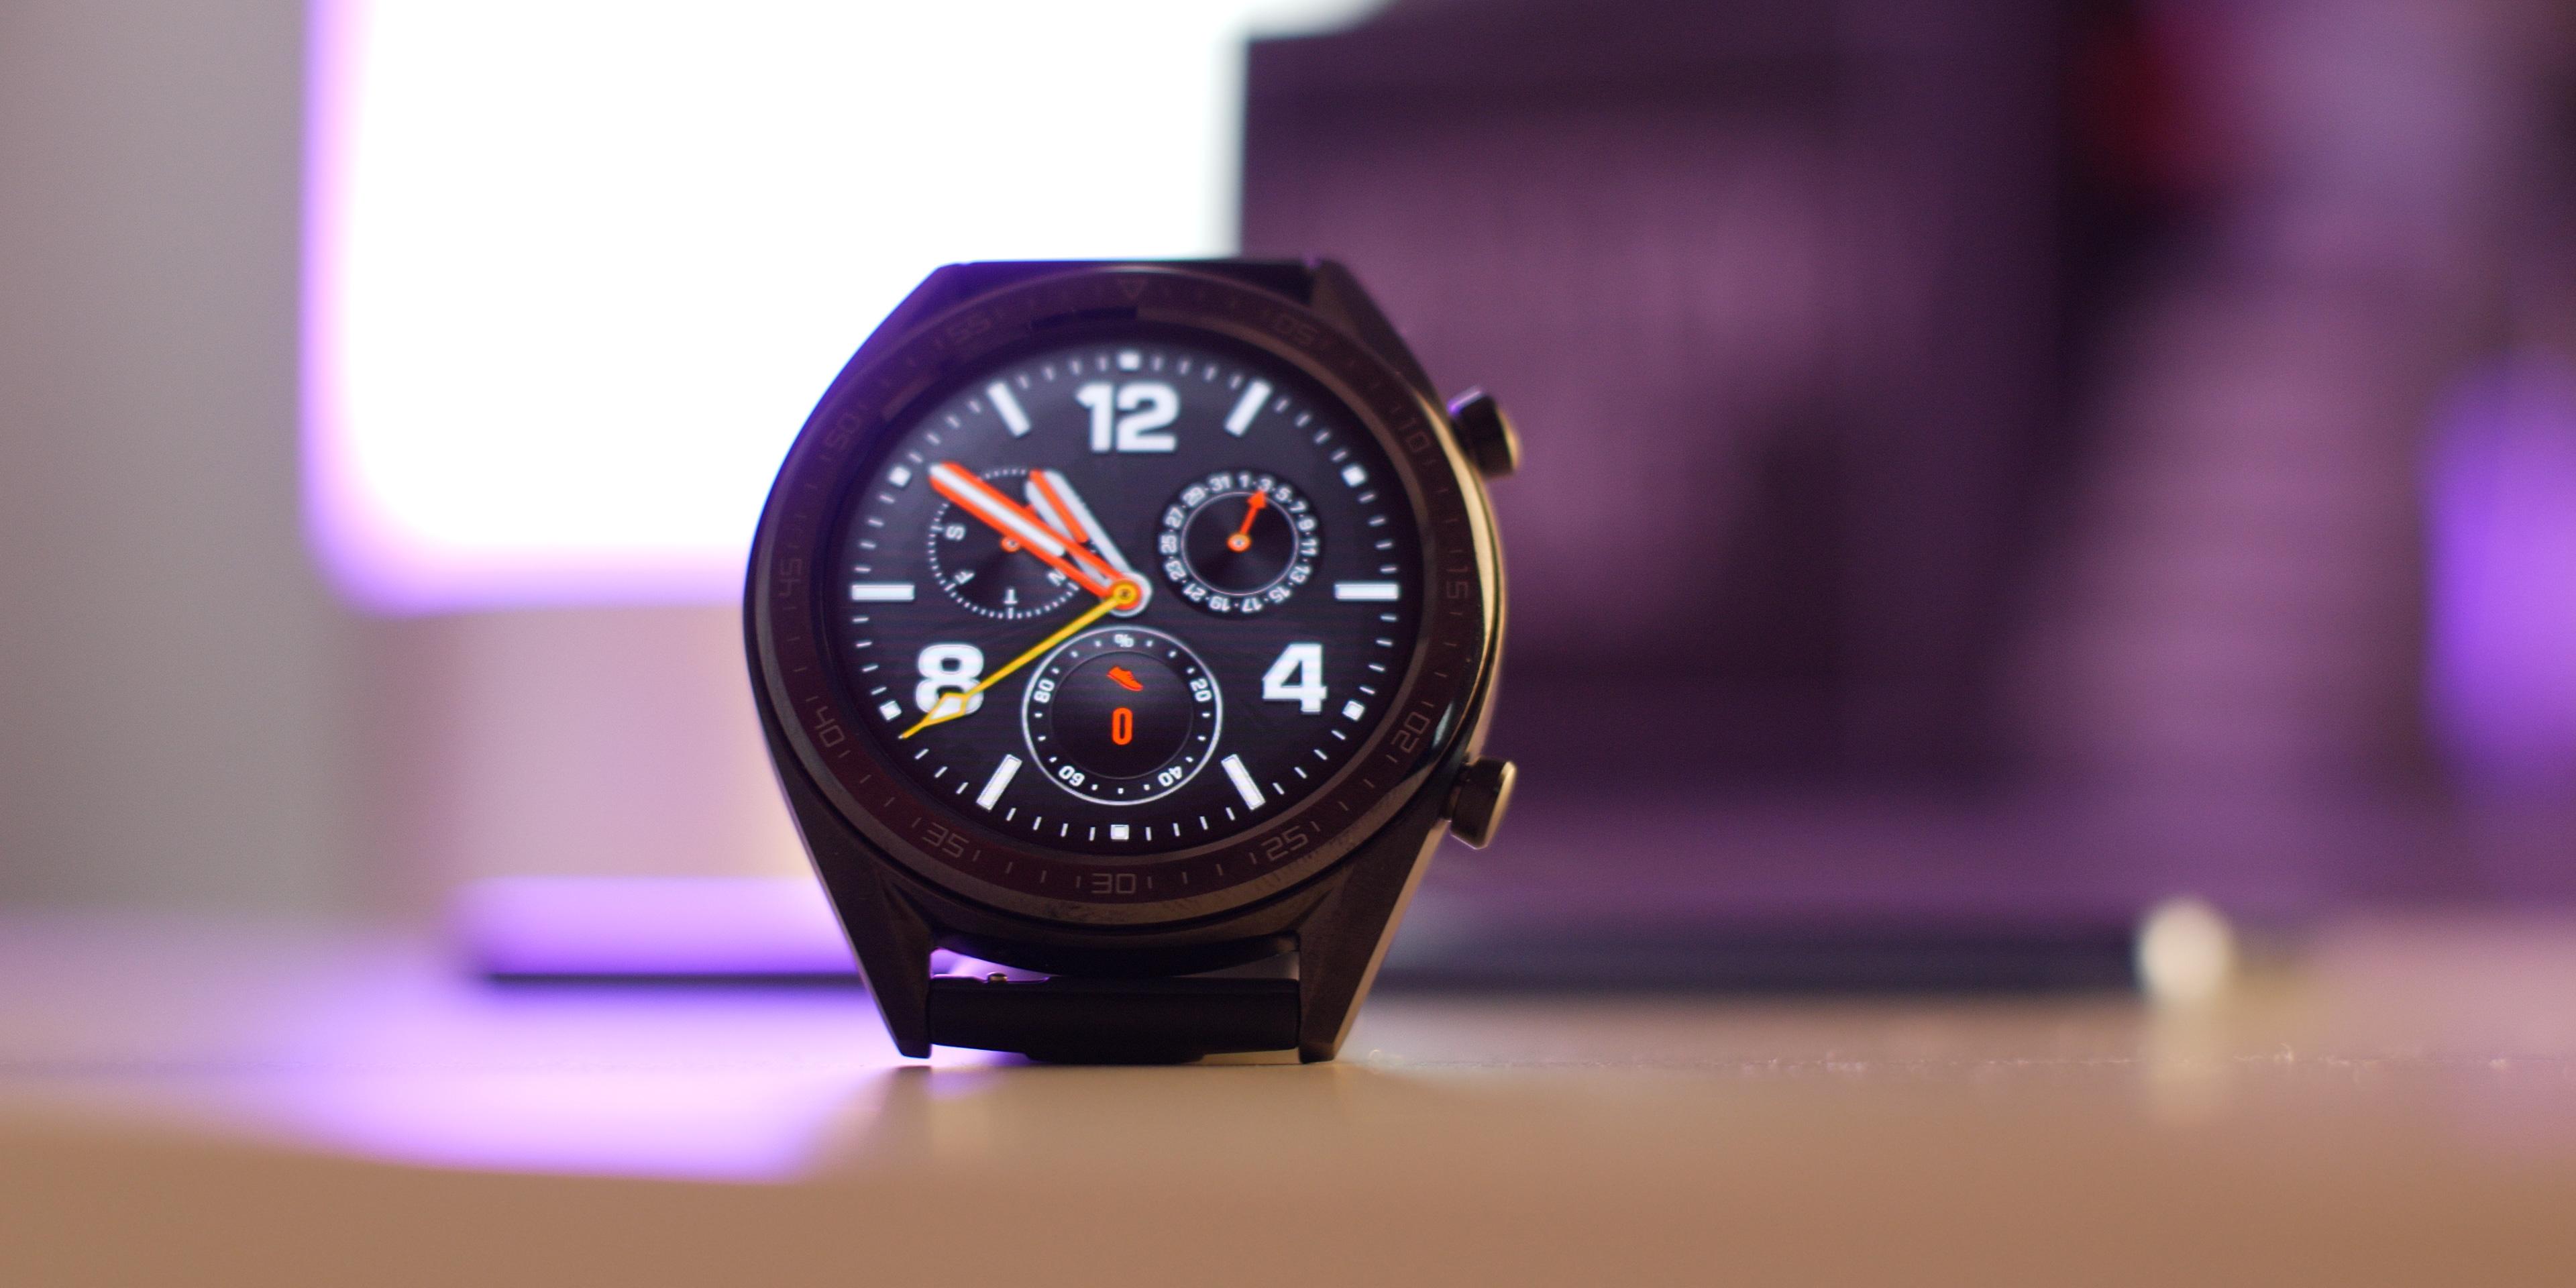 Huawei Watch GT watch face